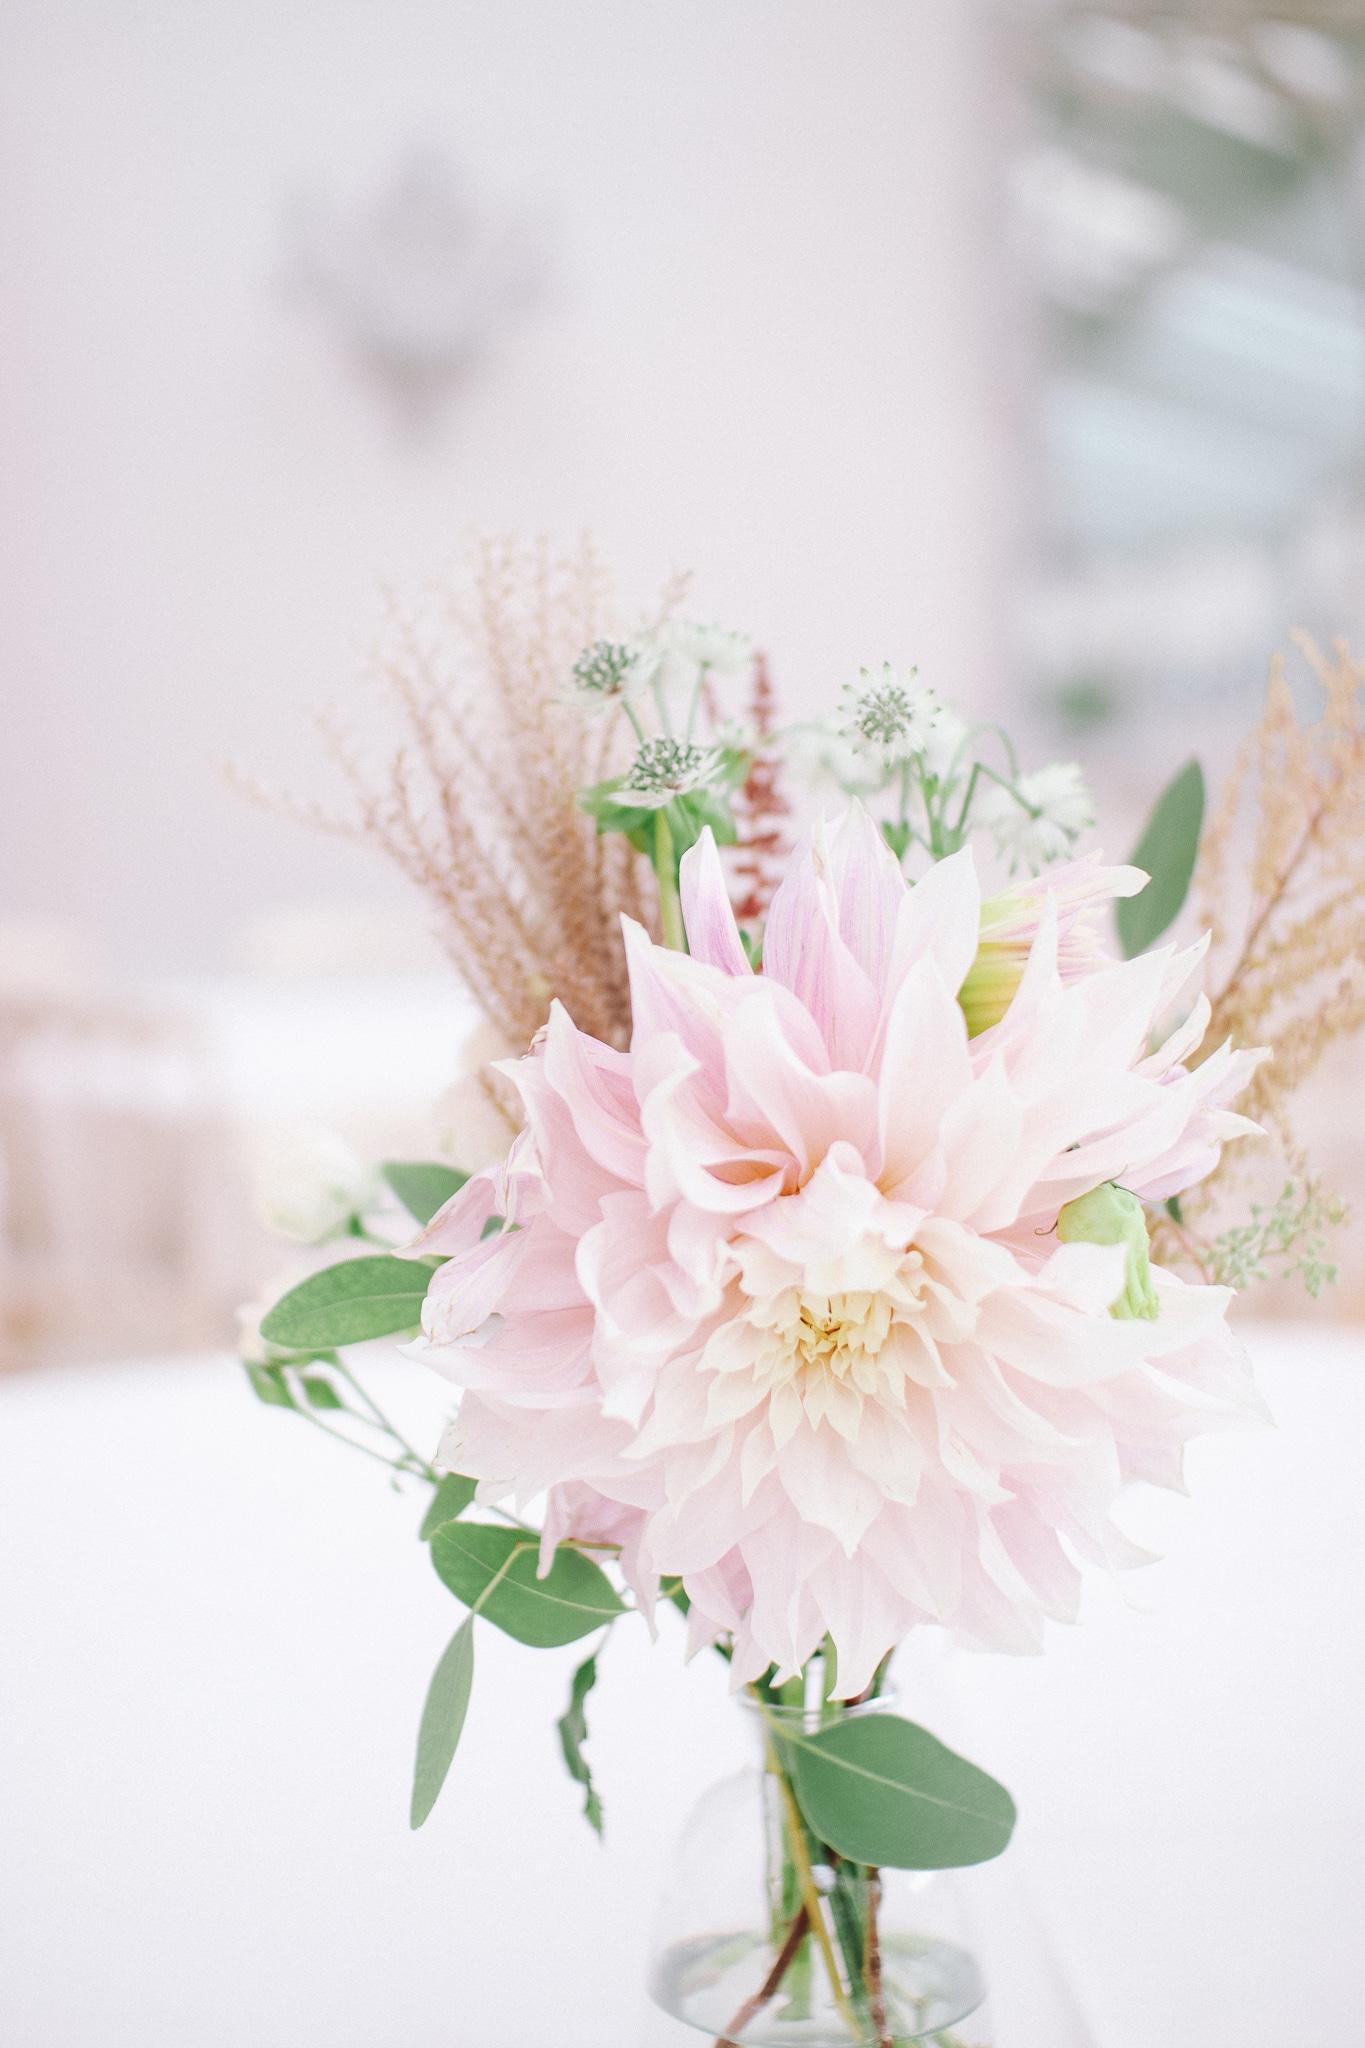 détails fleurs table mariage